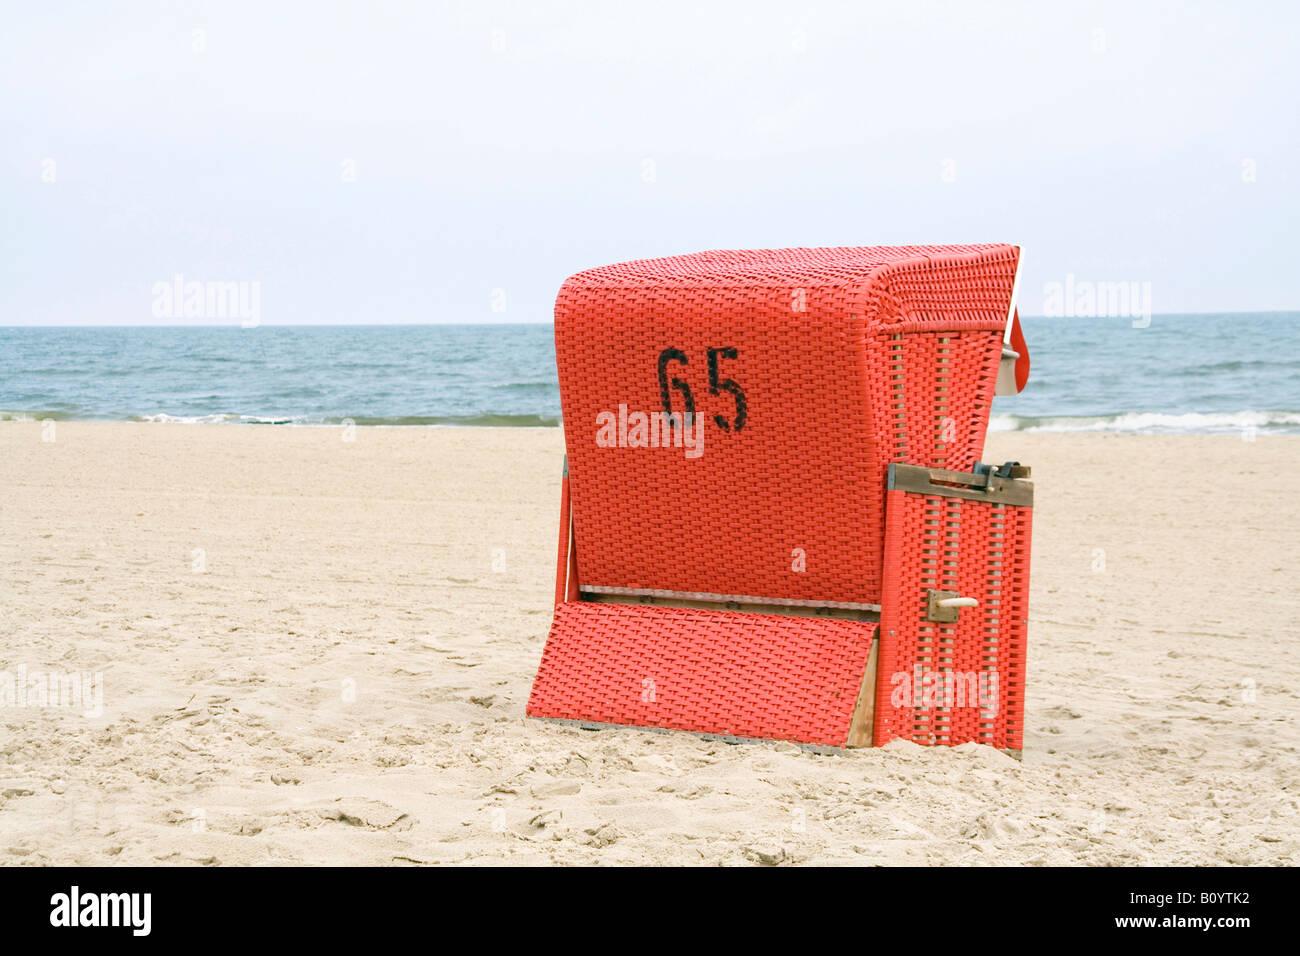 Beach chair on beach - Stock Image